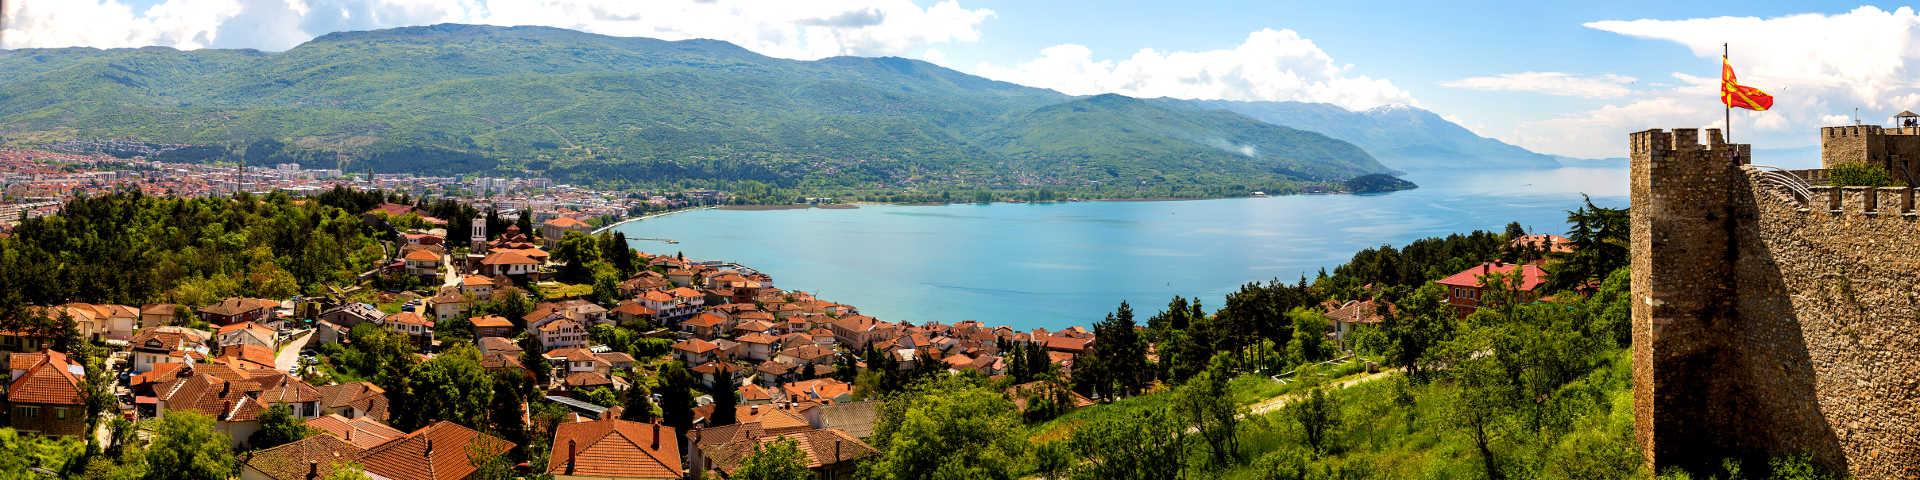 Ohrid hero